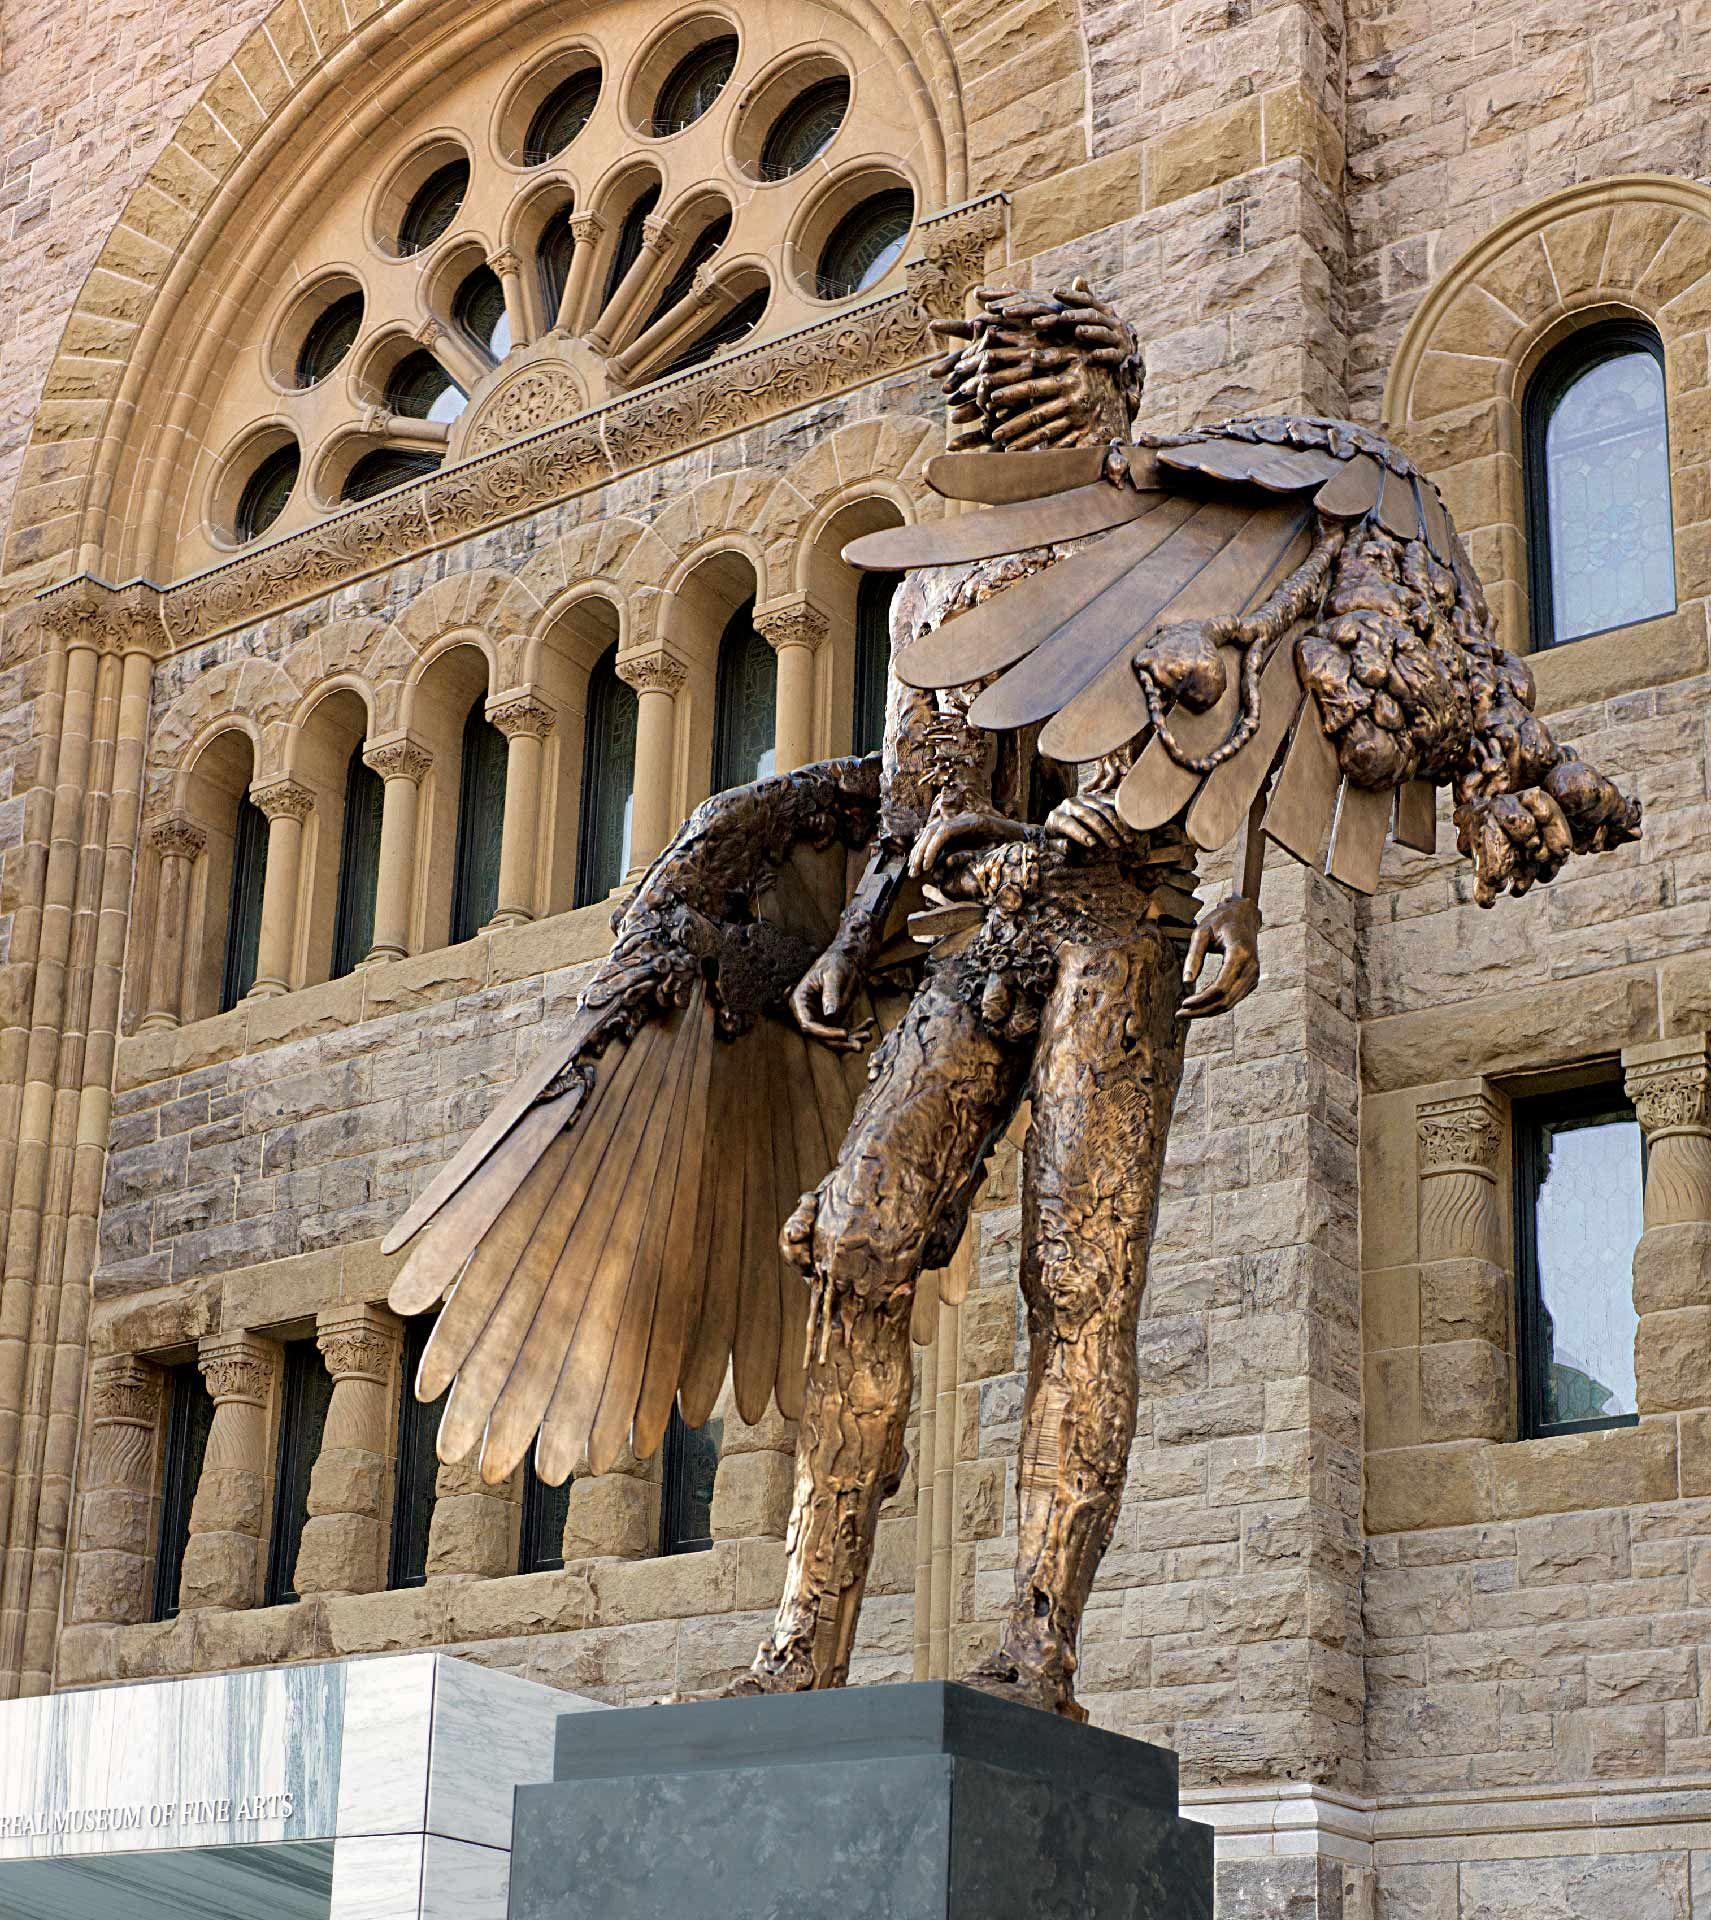 L'oeil de David AltmejdDavid Altmejd (Né à Montréal en 1974), L'œil, 2010-2011, bronze, fonte Atelier du Bronze, Inverness (Québec). MBAM, don de l'artiste et des employés du Musée des beaux-arts de Montréal dans le cadre de la Campagne 2008-2012